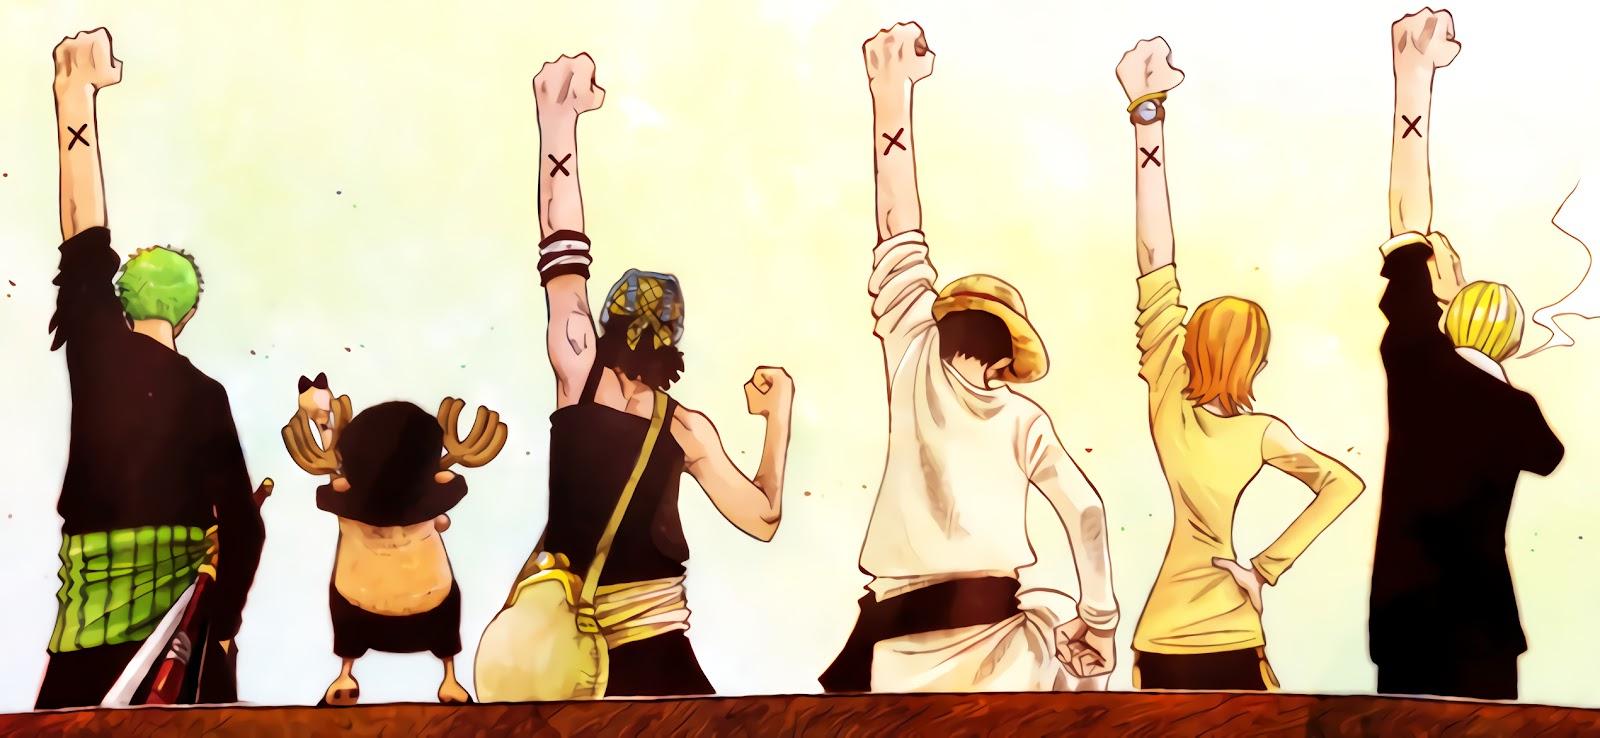 魯夫與他的同伴們的背影,一起舉起左手,手背上有一個黑色叉叉。